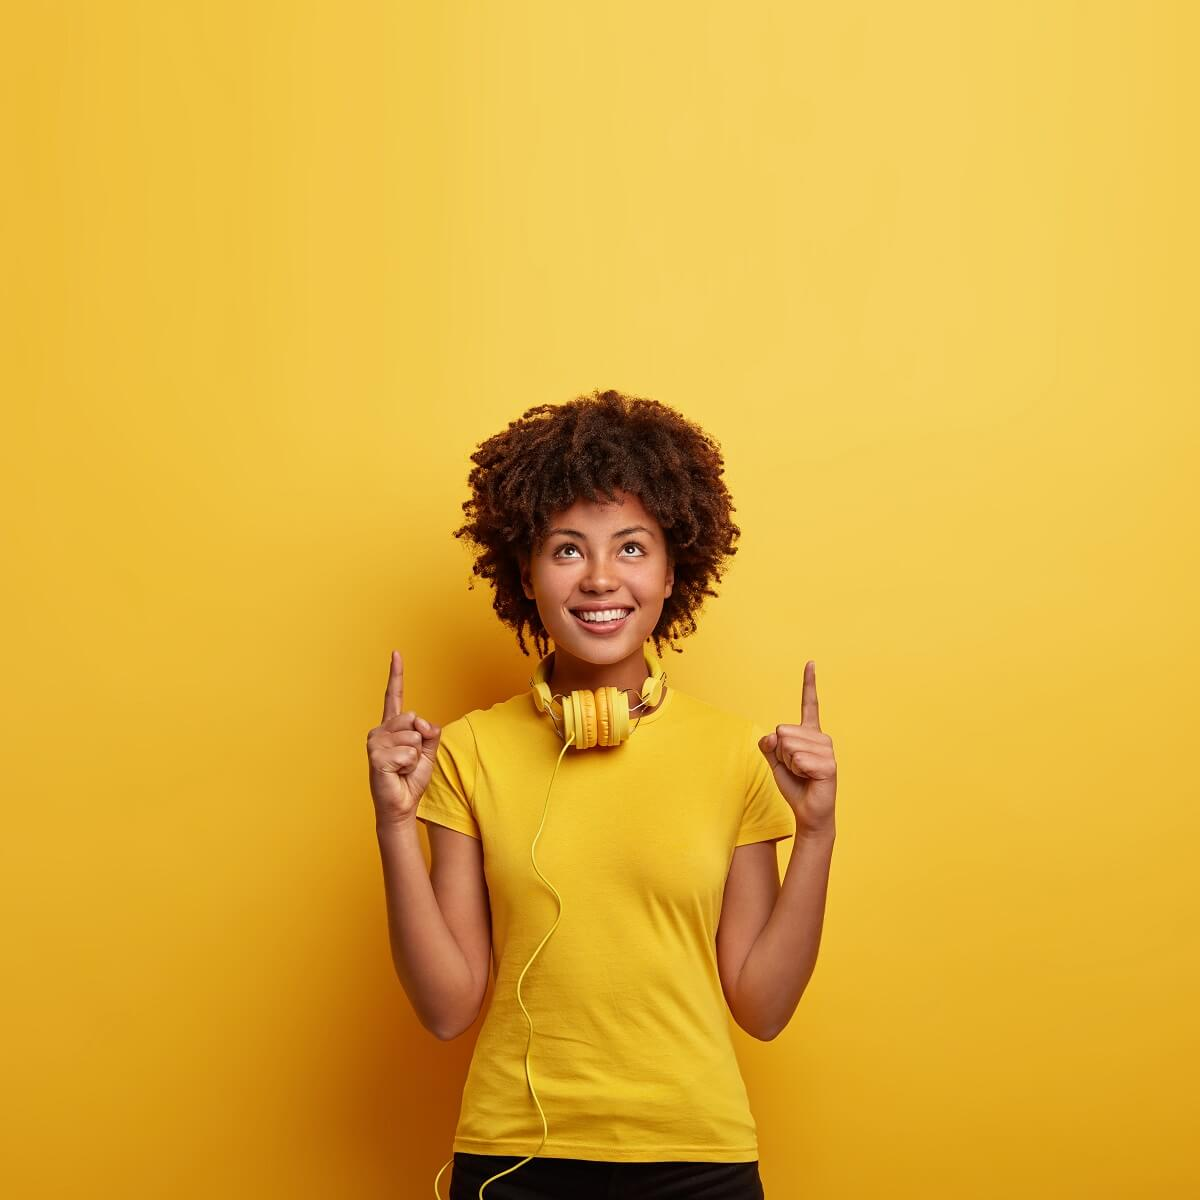 ヘッドホンを首にかけた外国人の女性が指を上に指している様子。